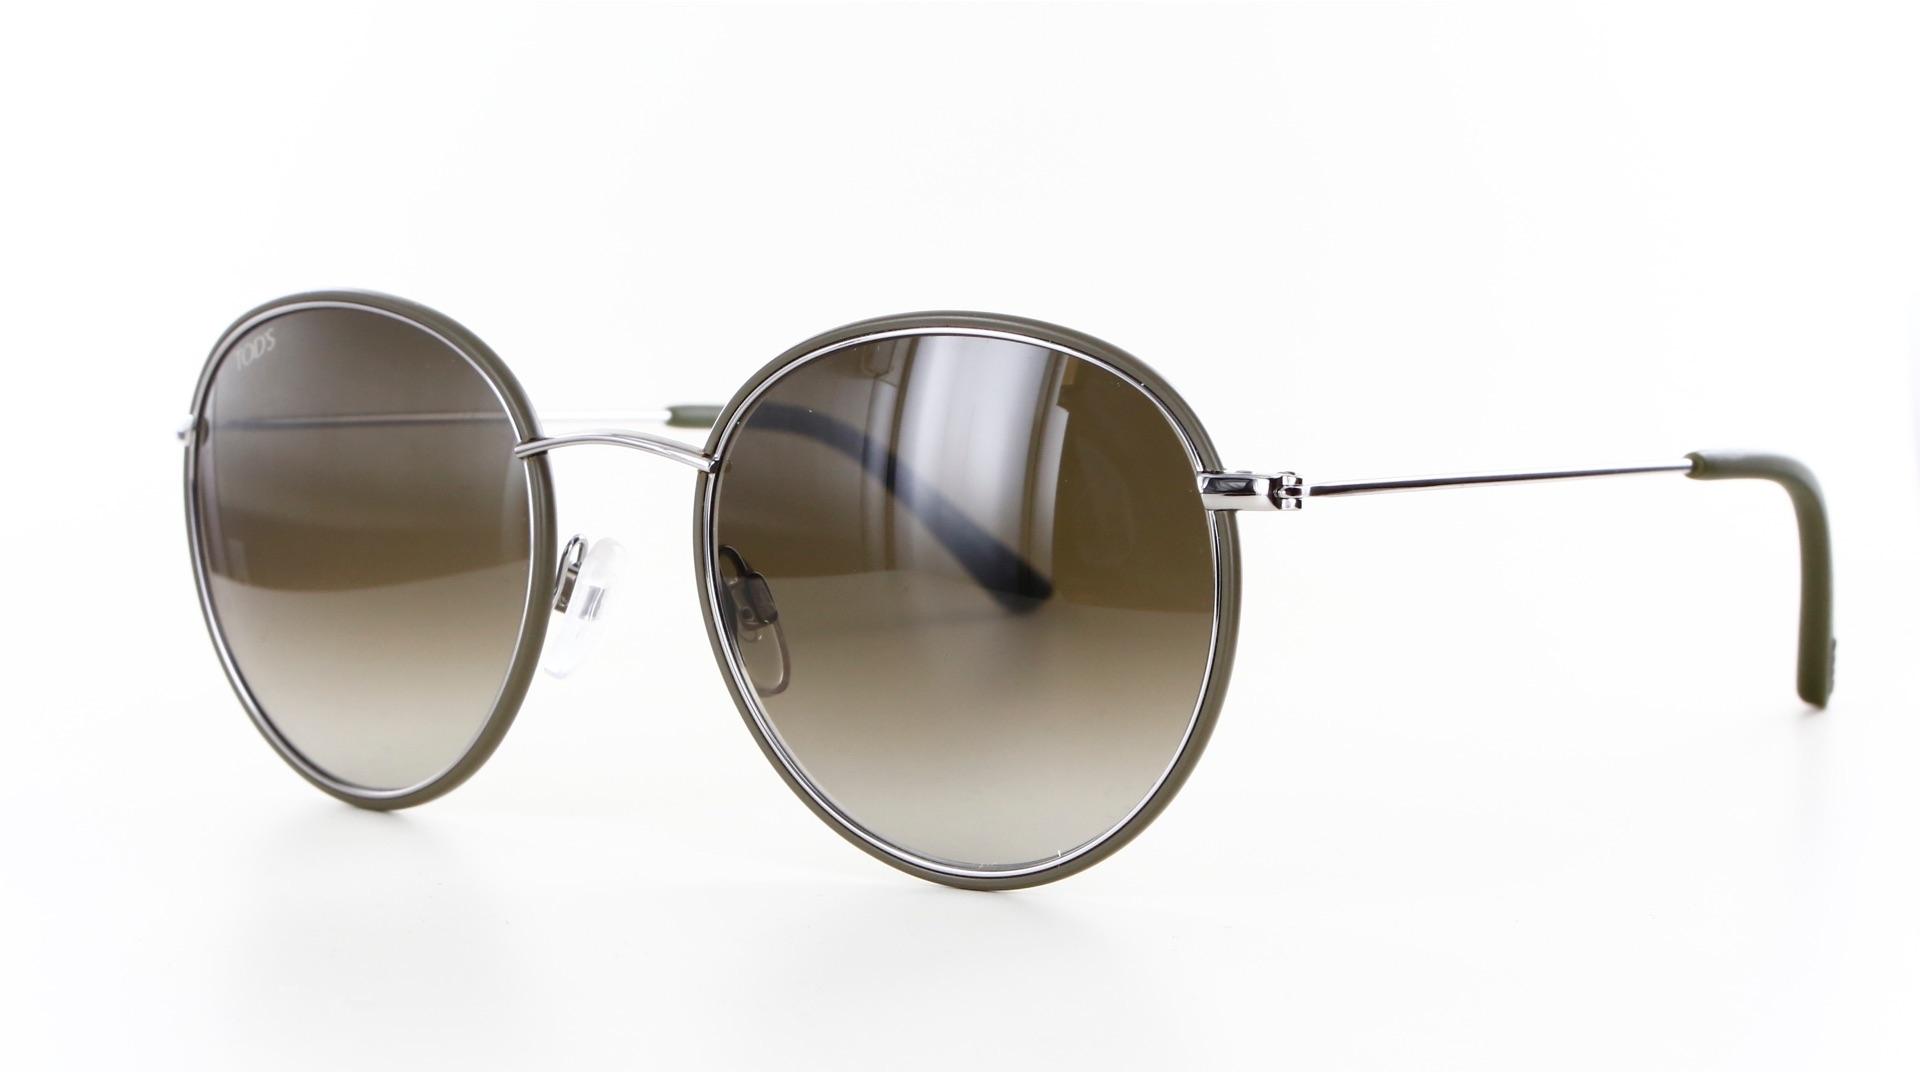 ef1d66fad0d5 TOD S sunglasses - ref  72958